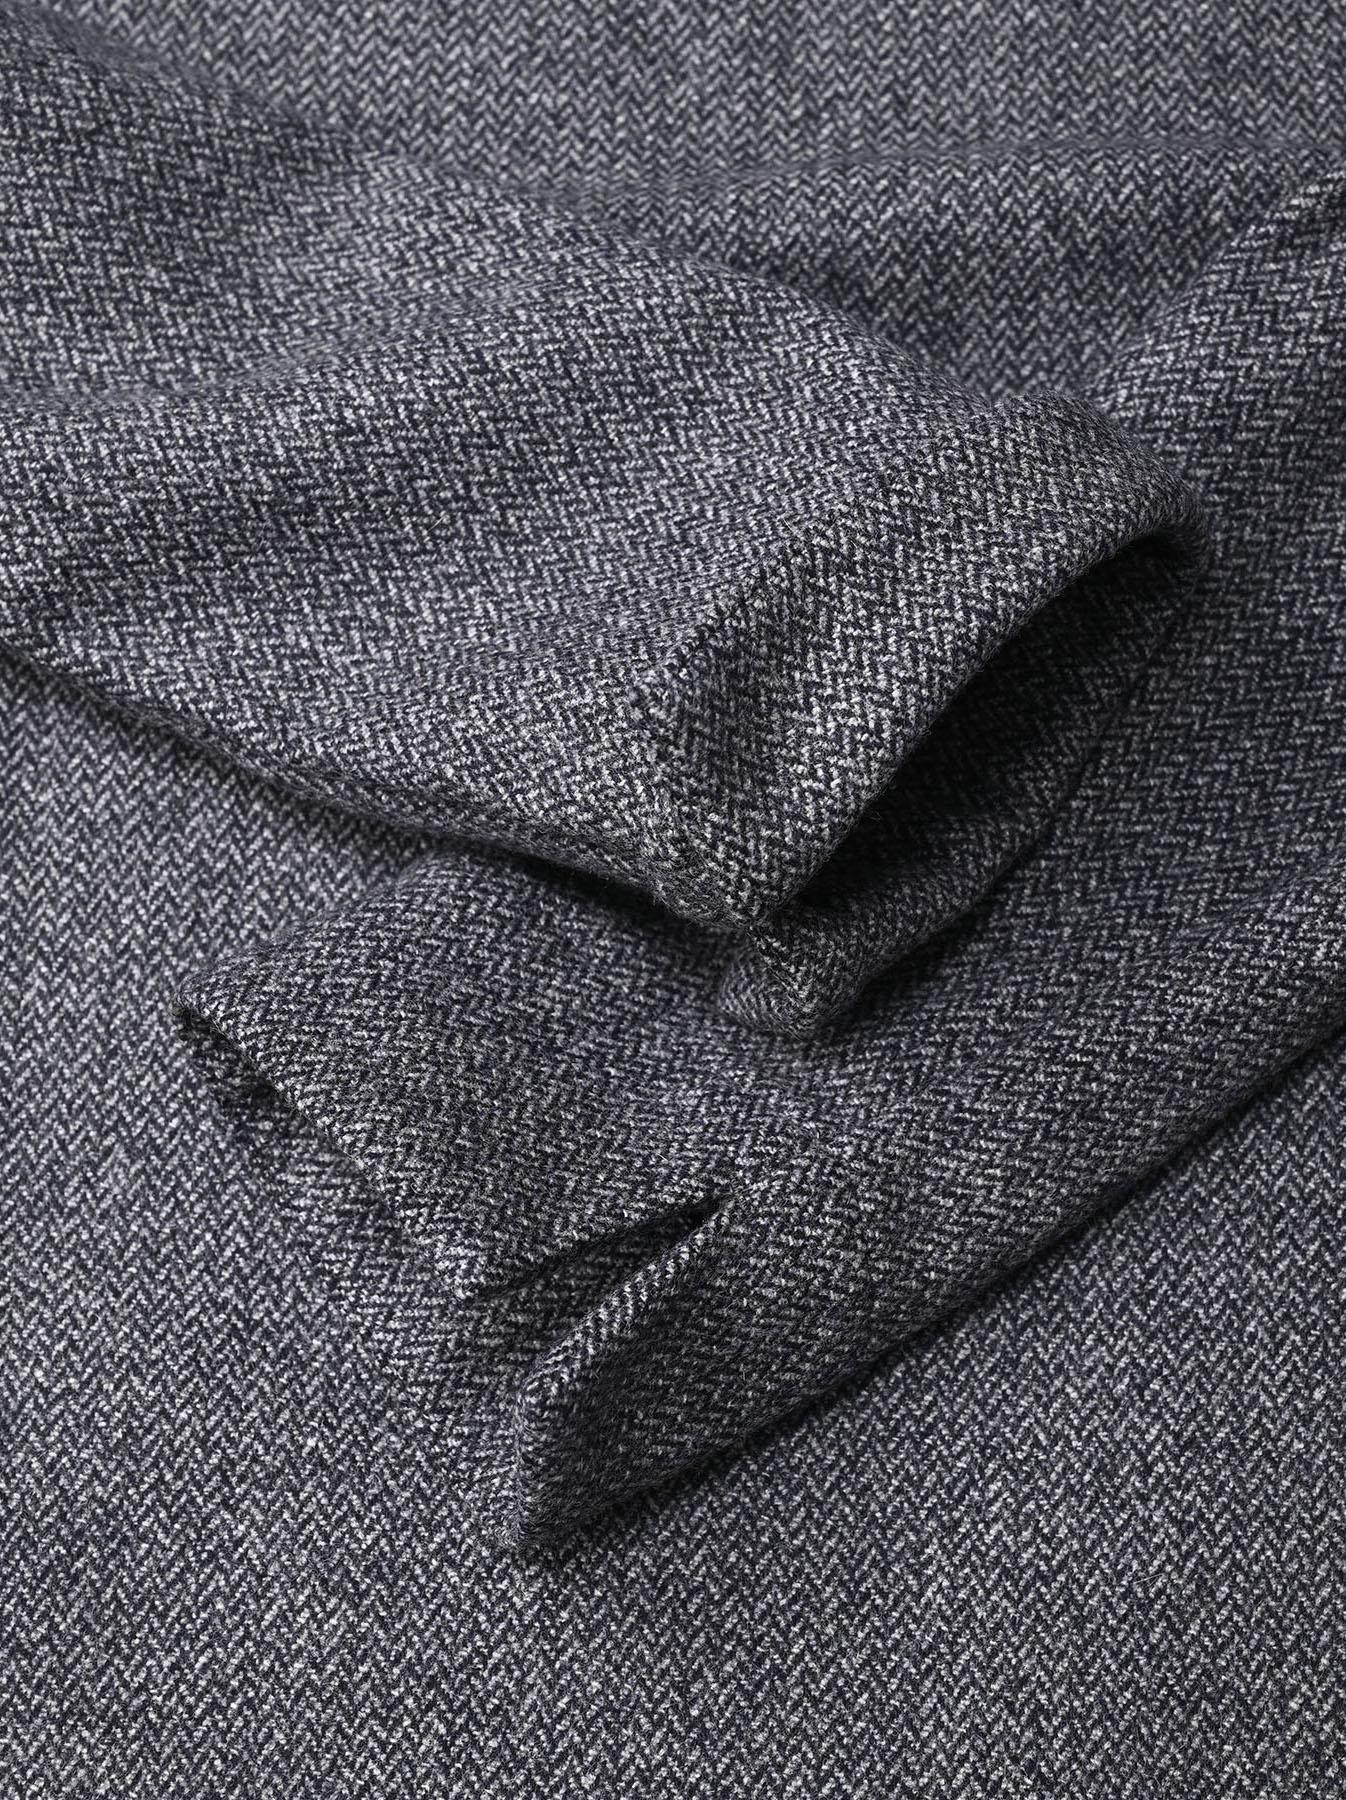 Wool Tweed Stretch Dress-7